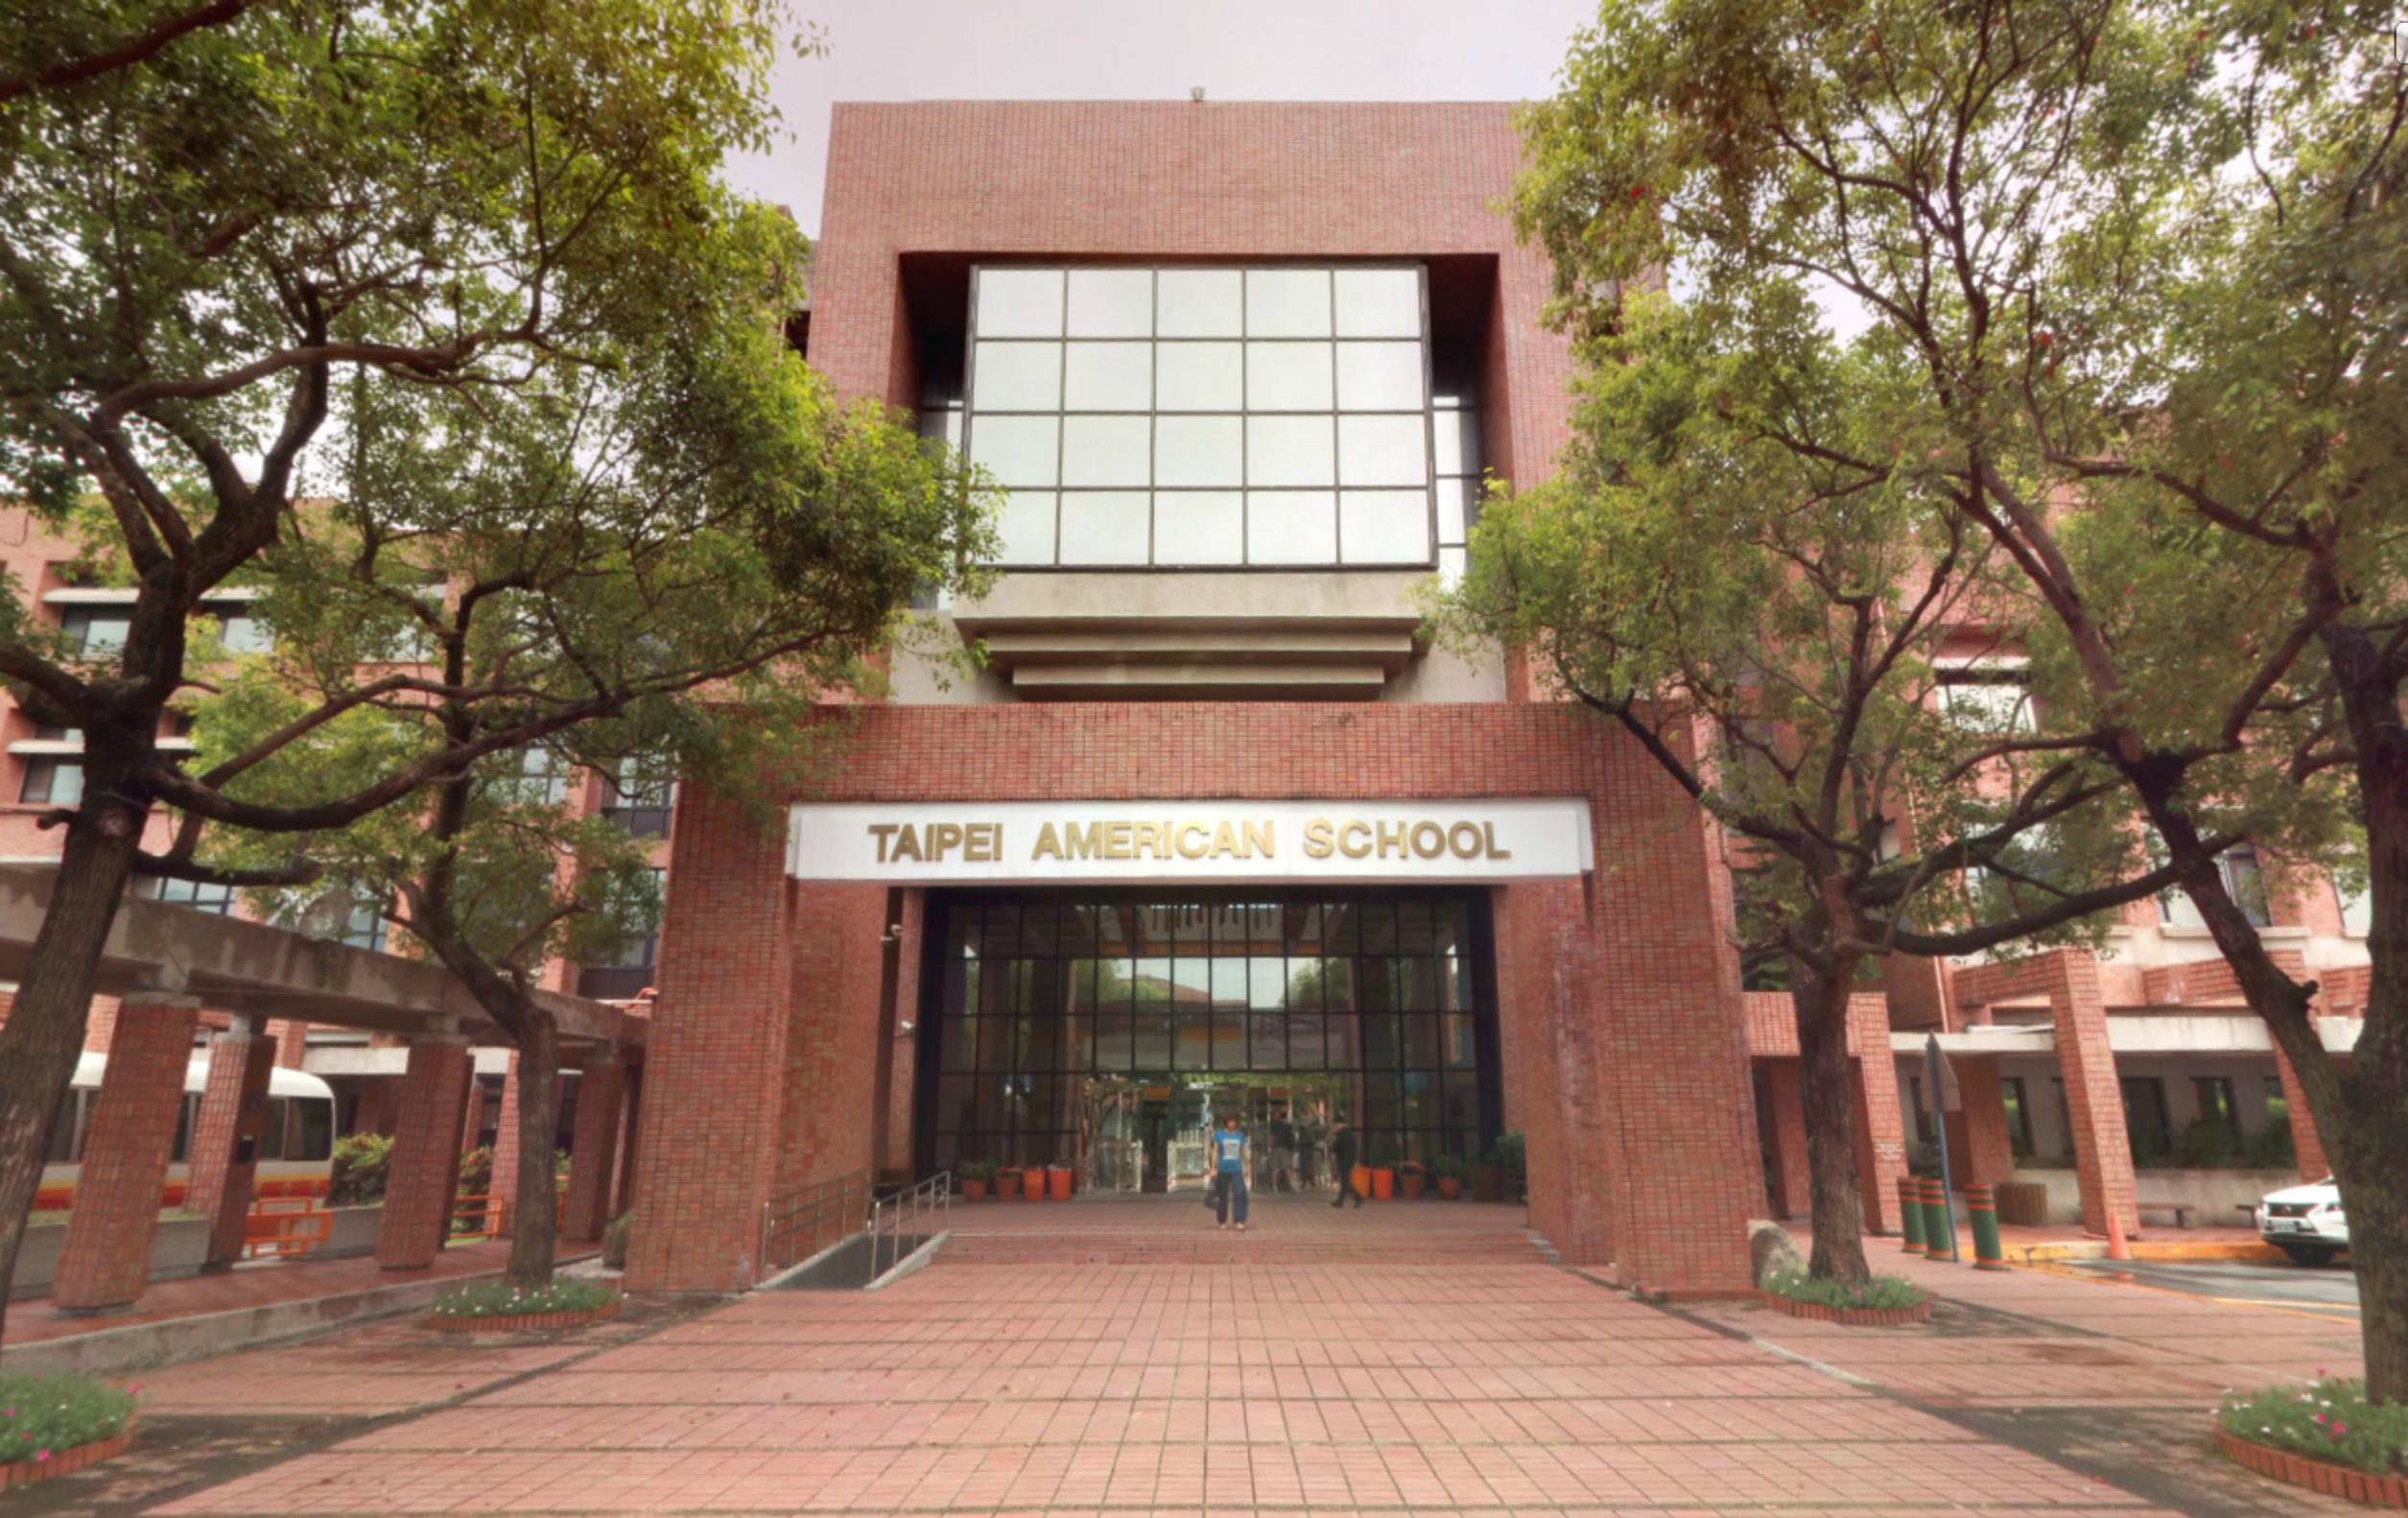 台北美國學校 TAS - 第一美式外僑學校 - 國際學校|私立高中|外僑學校|申請大學|XL ACADEMY|國外留學|英文教學